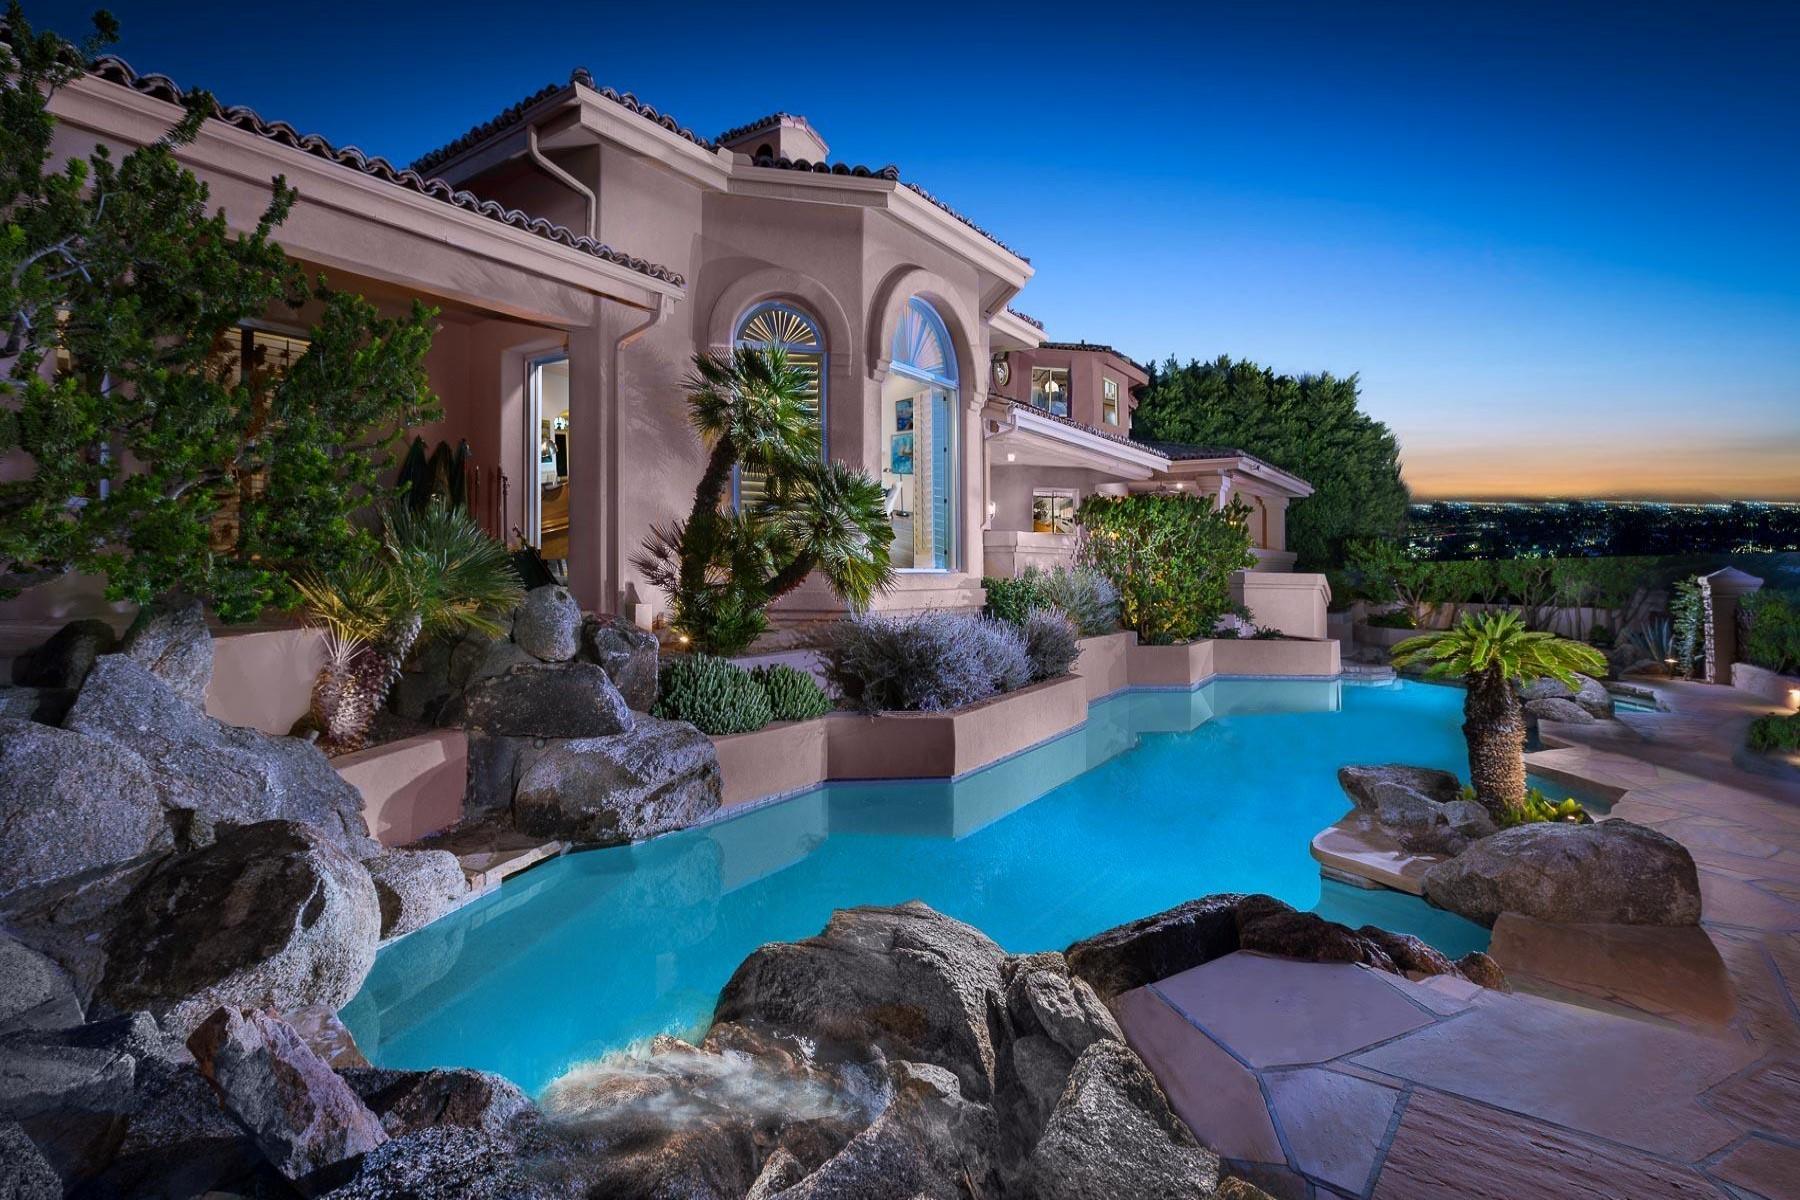 一戸建て のために 売買 アット Magnificent Gem in Paradise Valley 6321 E Vista Dr Paradise Valley, アリゾナ, 85253 アメリカ合衆国